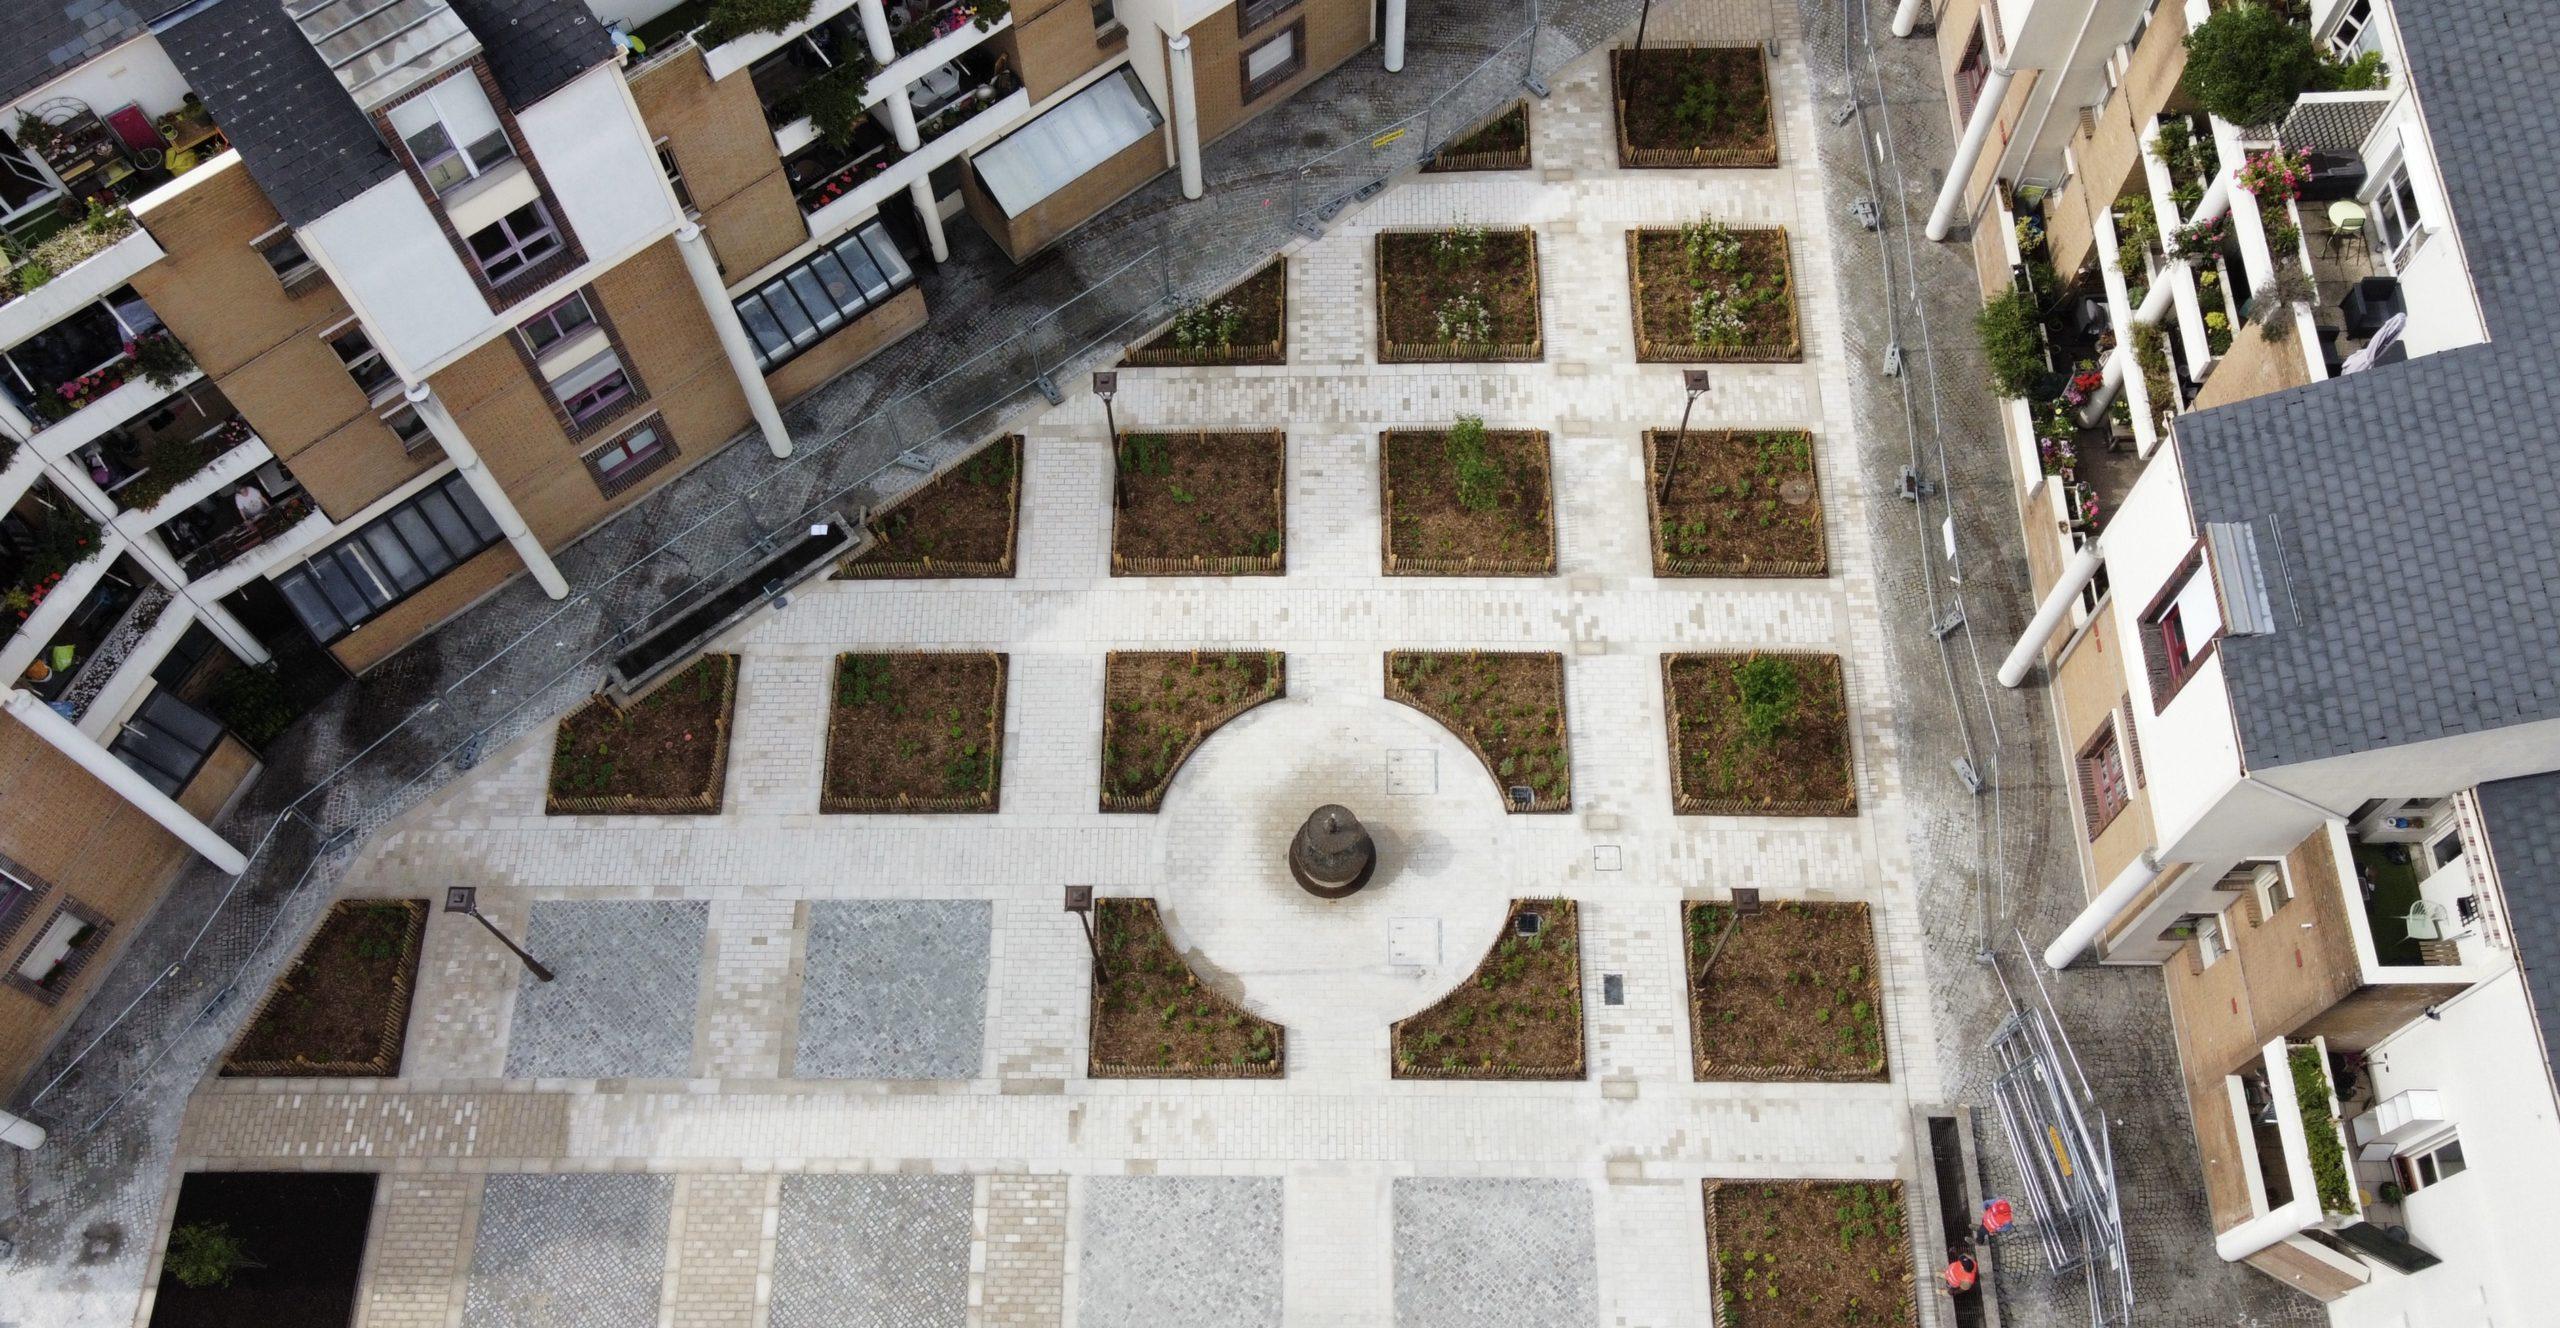 Aménagement d'une place en milieu urbain (93)